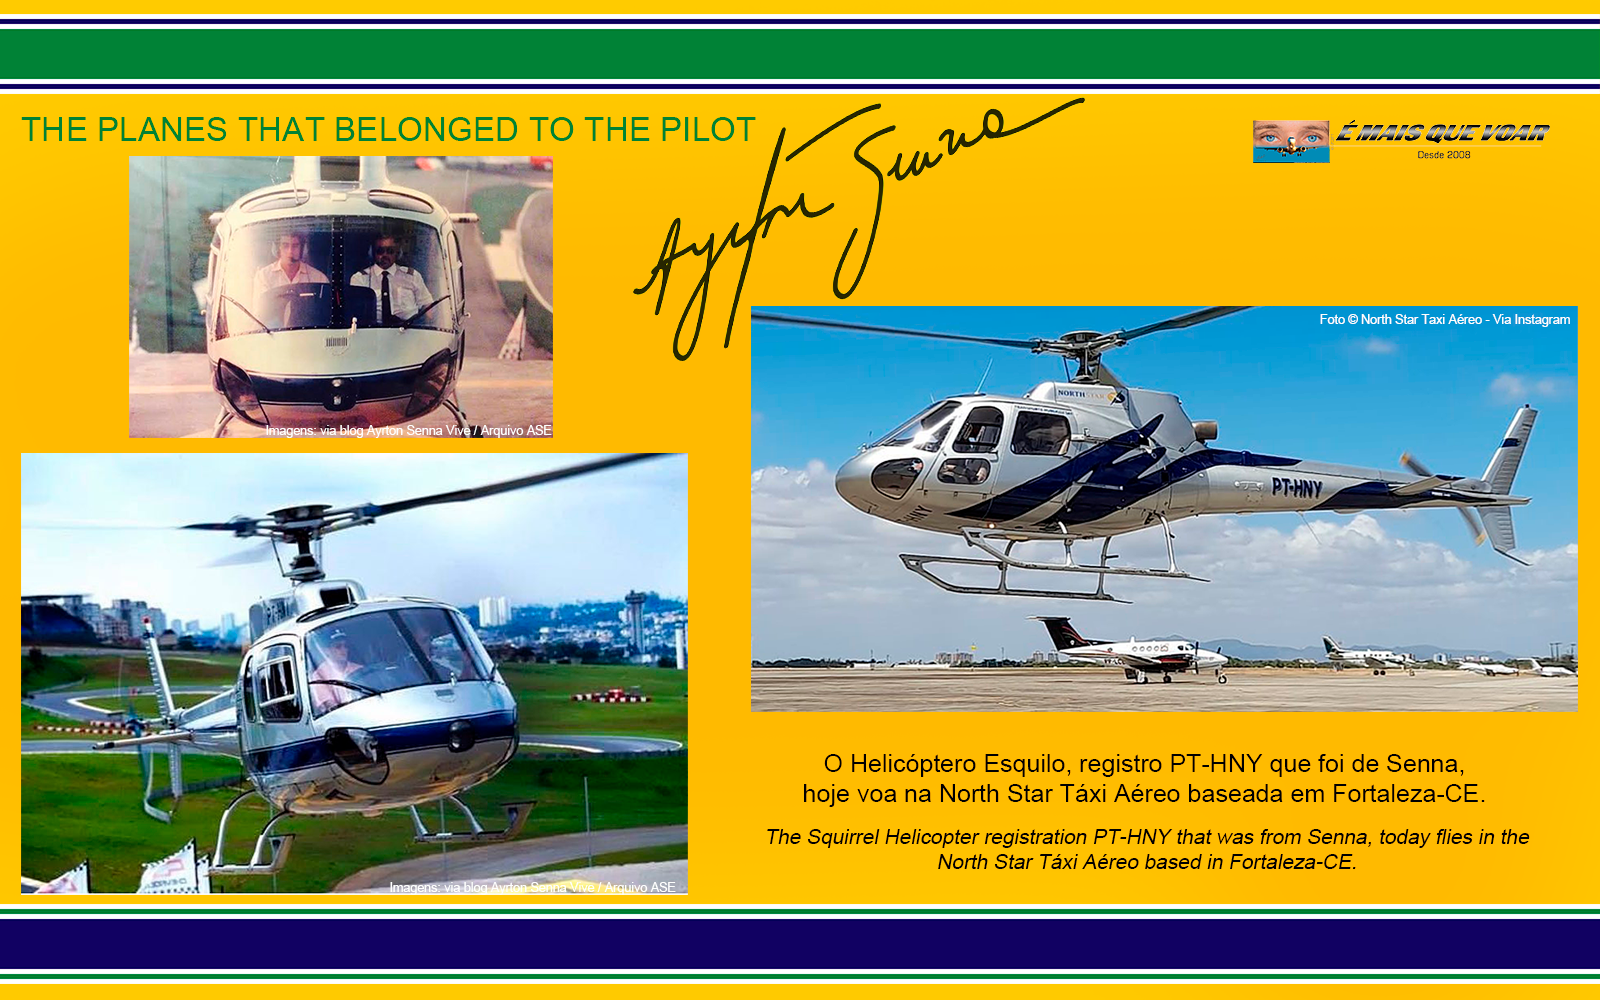 PT-HNY - Esquilo AS350 - Os helicópteros e os aviões que foram do piloto Ayrton Senna? | É MAIS QUE VOAR